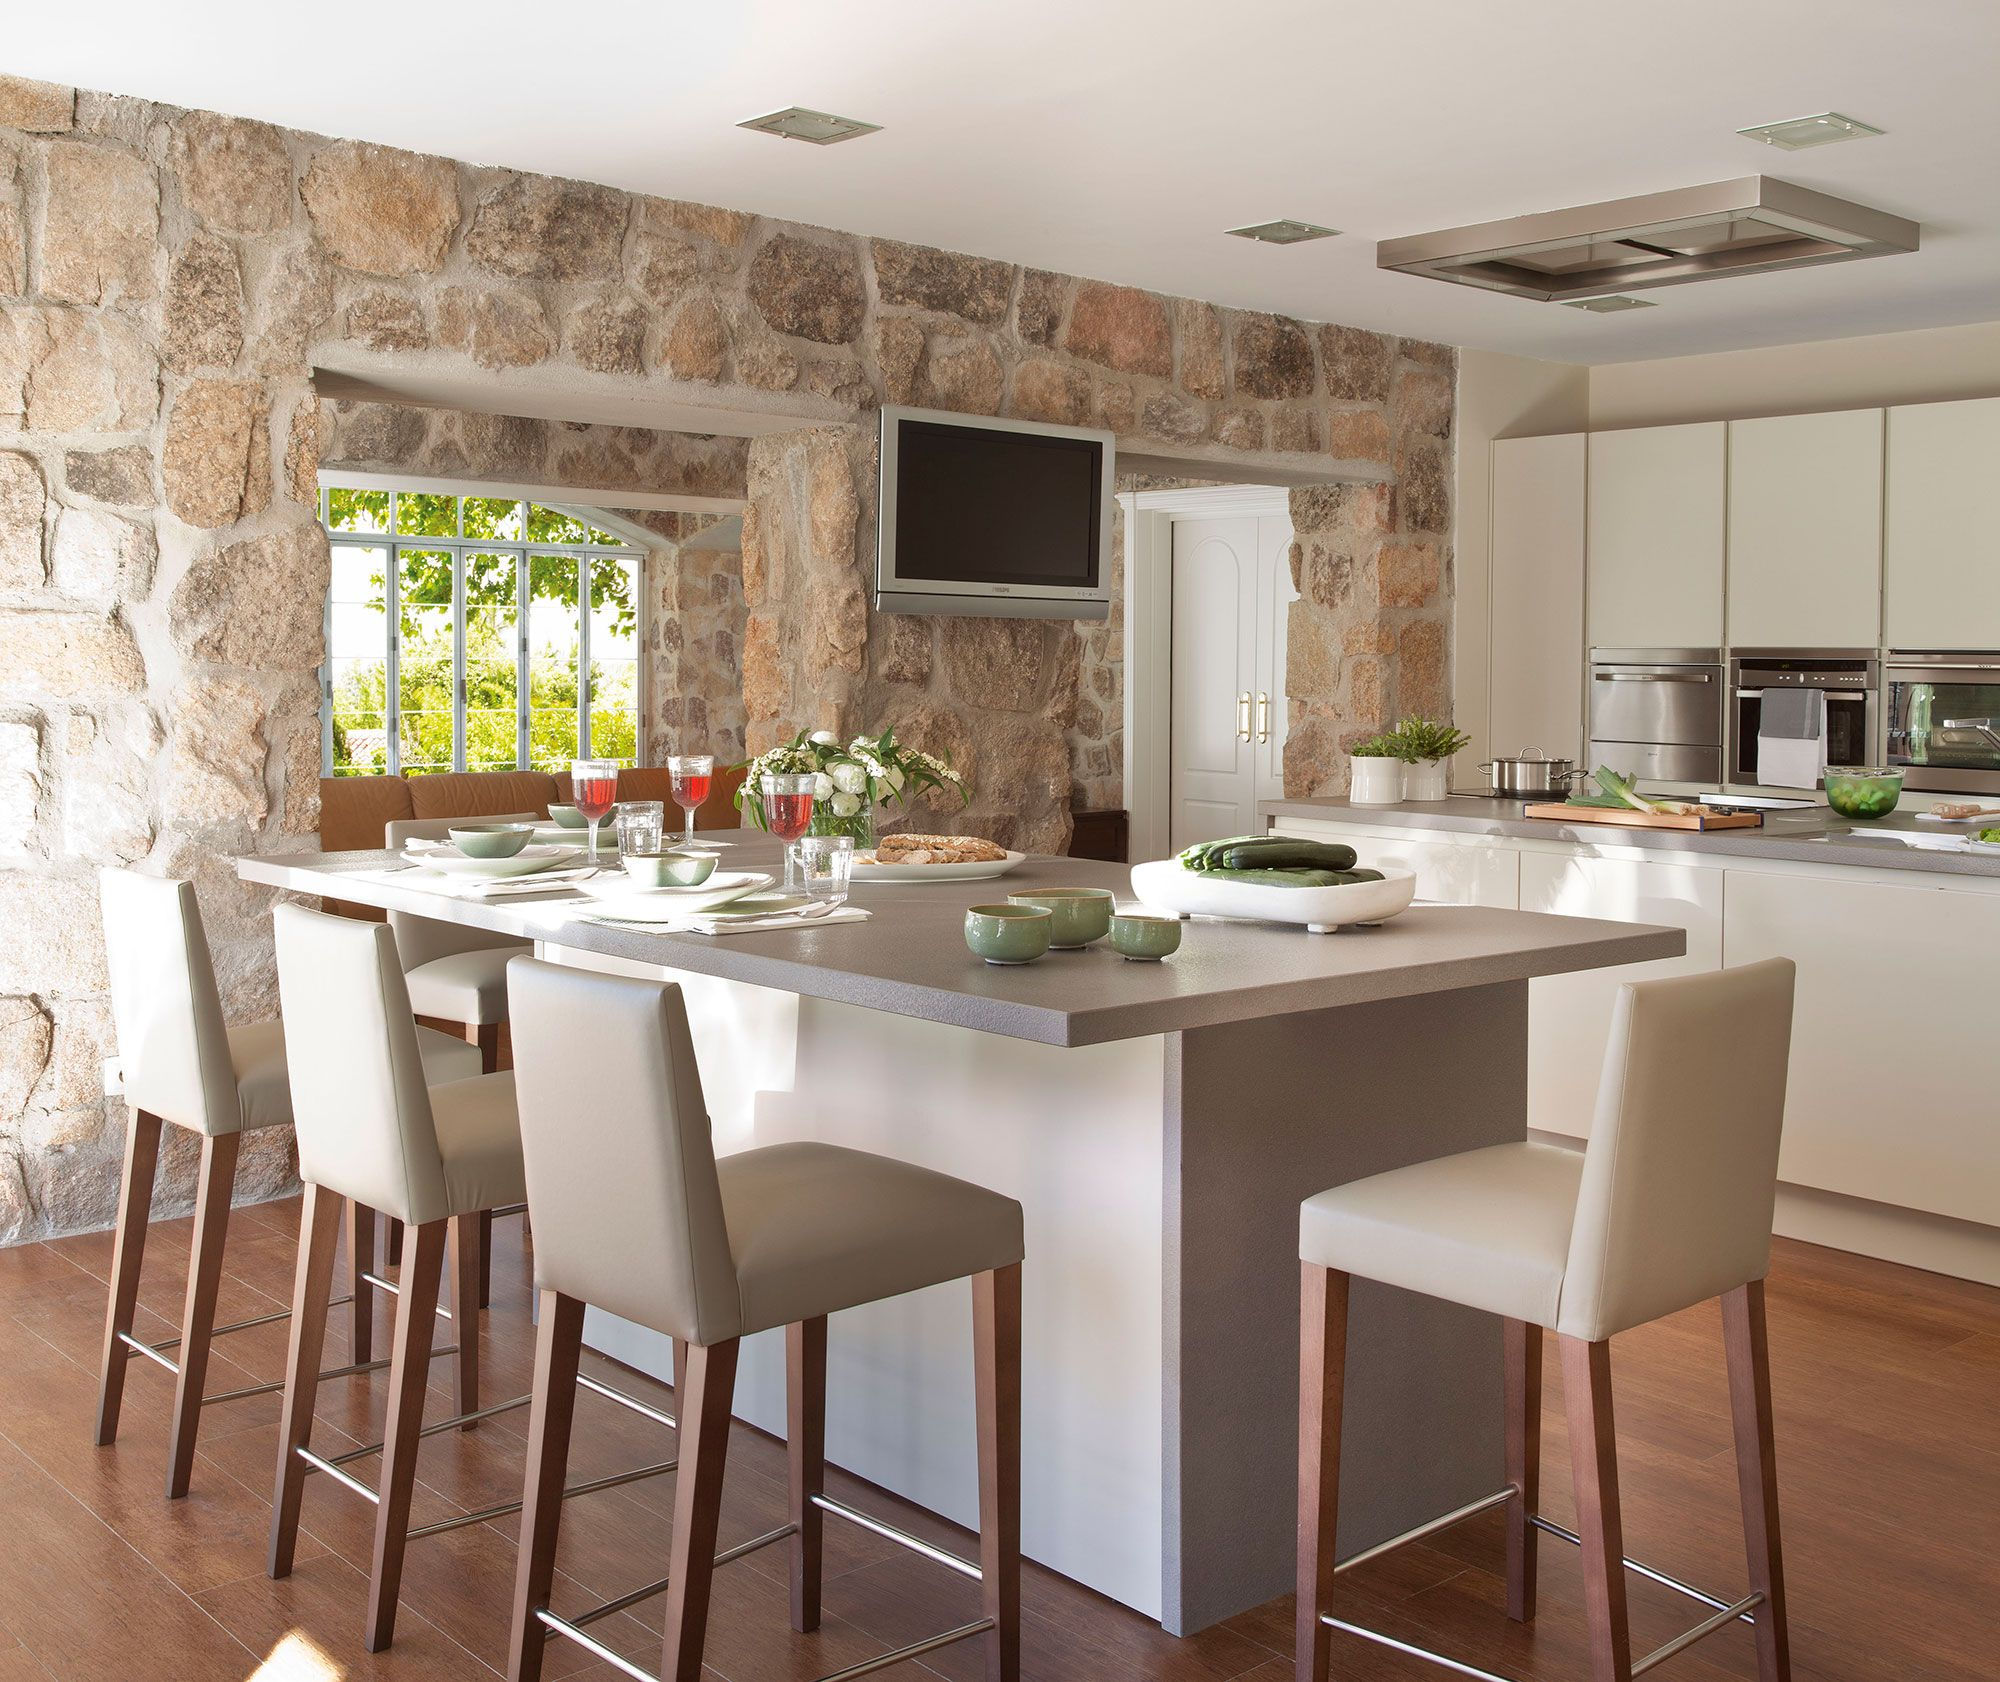 Desayuno, comida o cena en la cocina | Desayuno, Cocinas y Cocinas ...